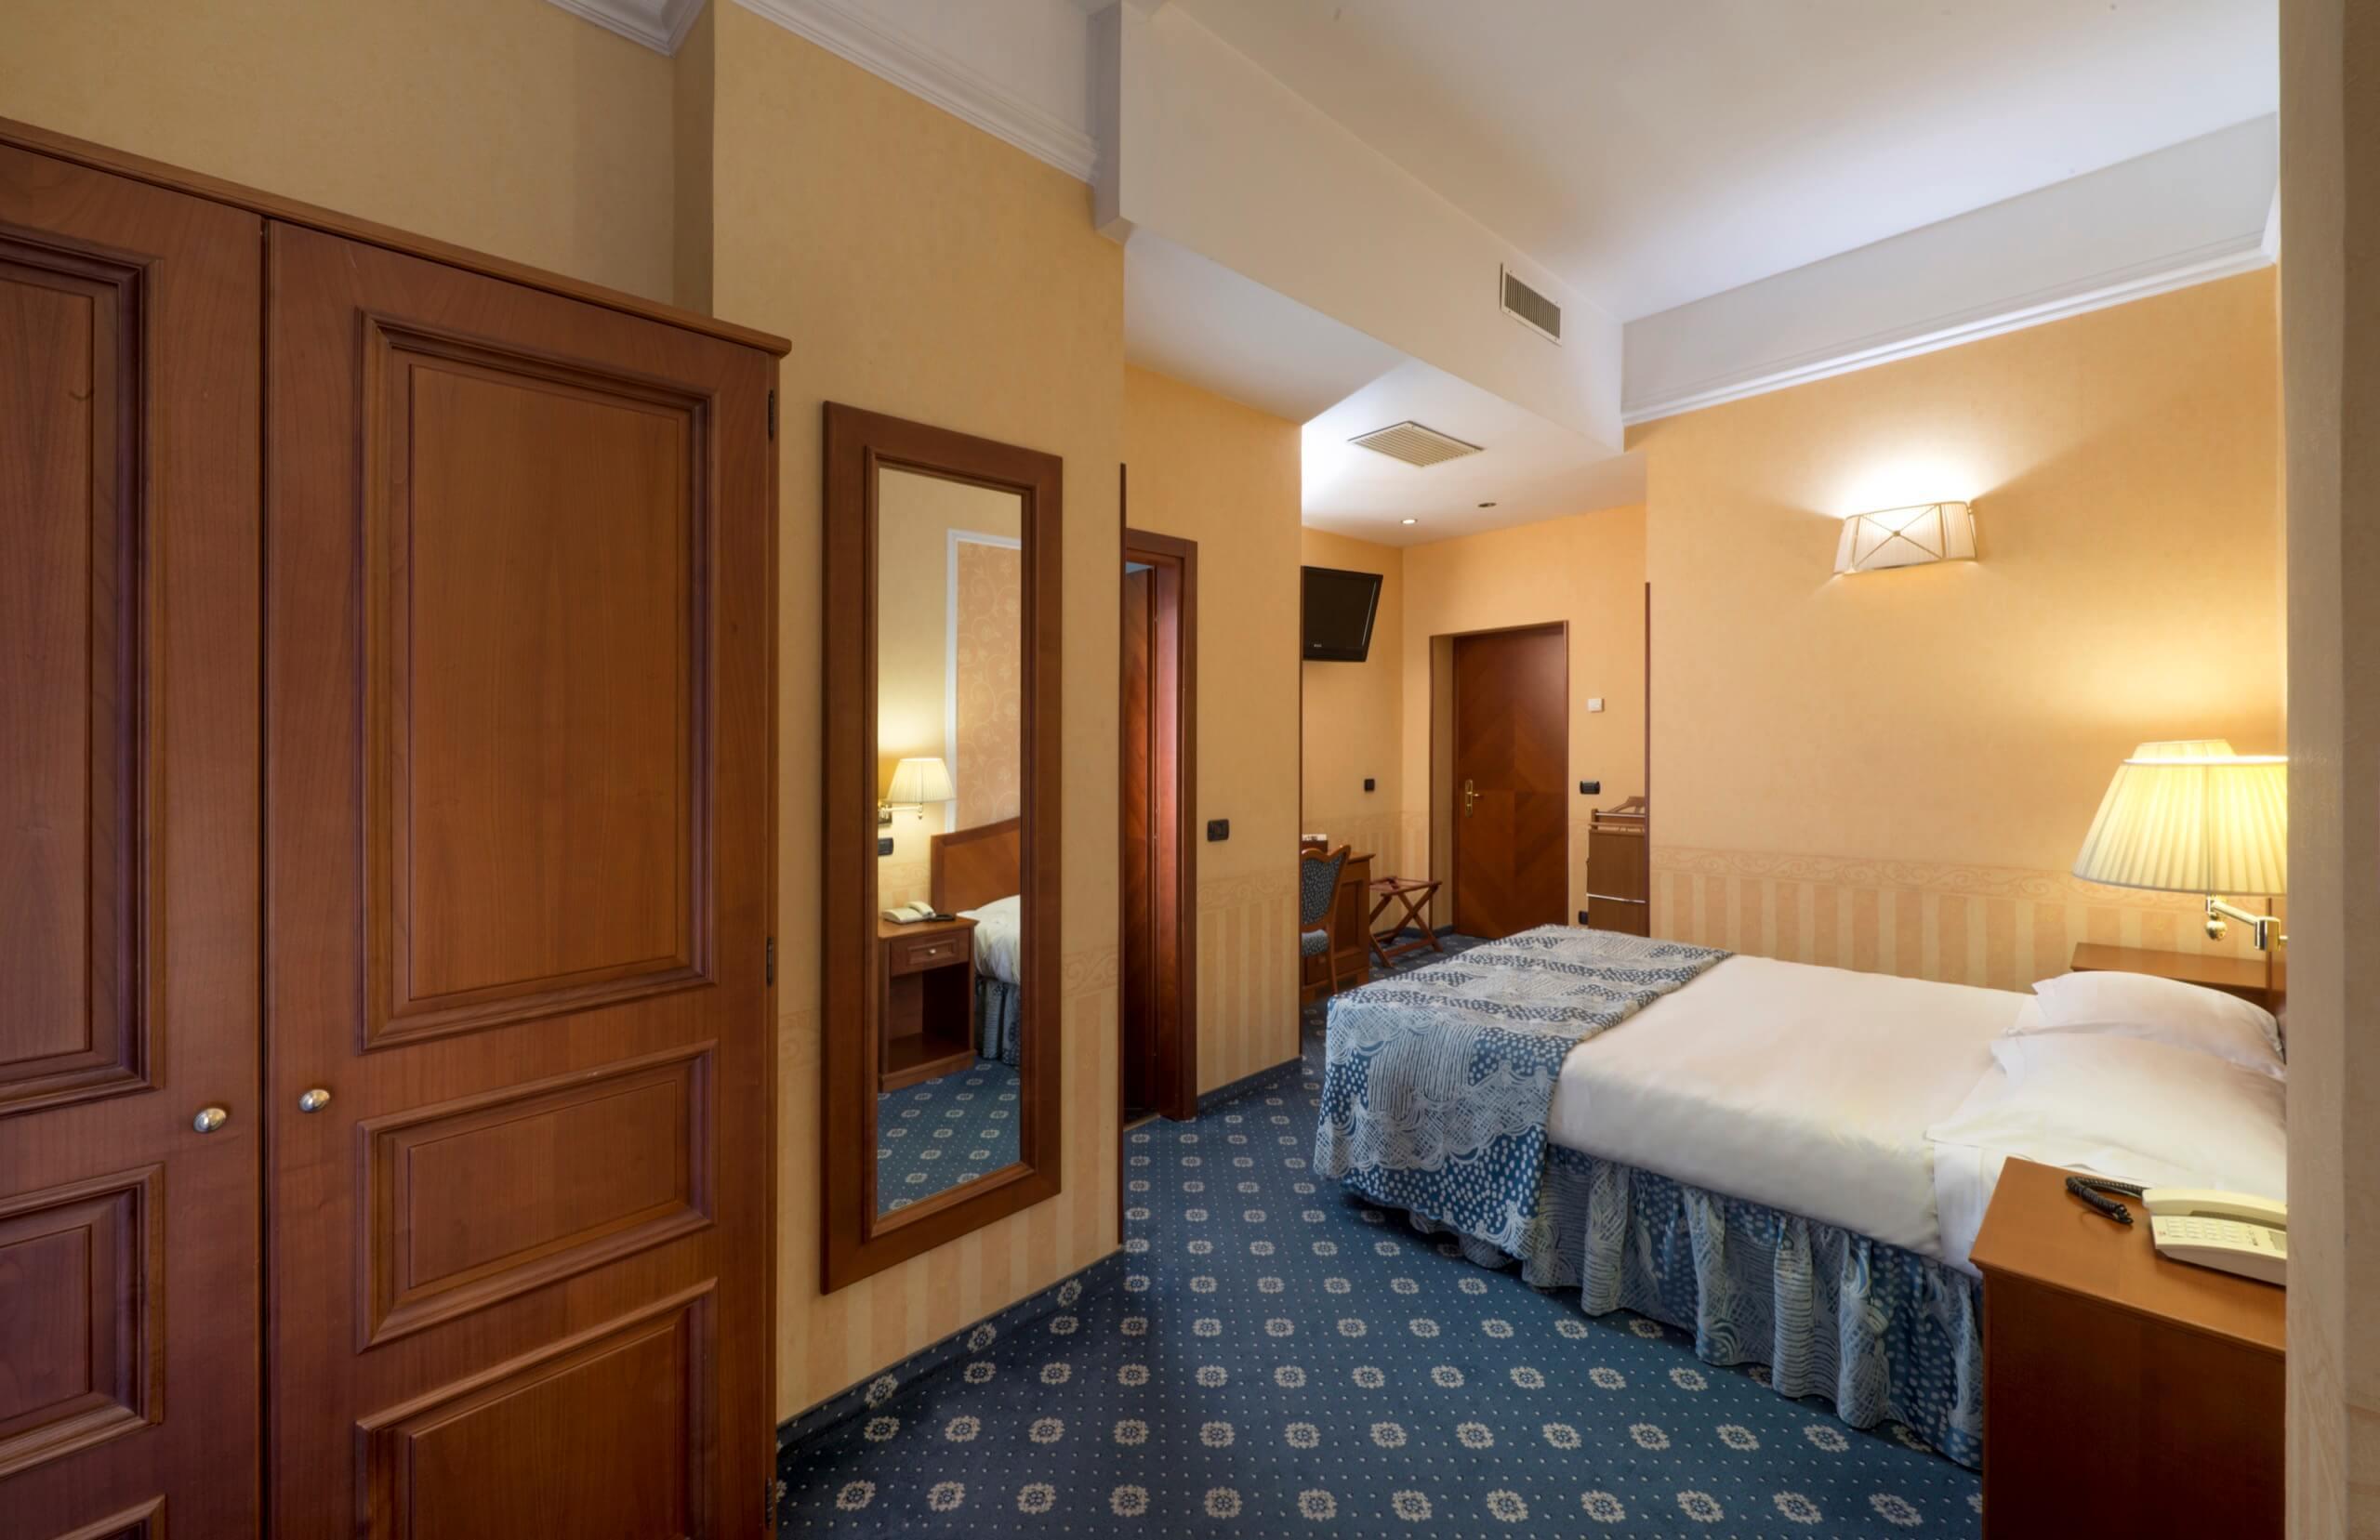 Camera doppia superior hotel 3 stelle a milano lancaster - Hotel con camere a tema milano ...